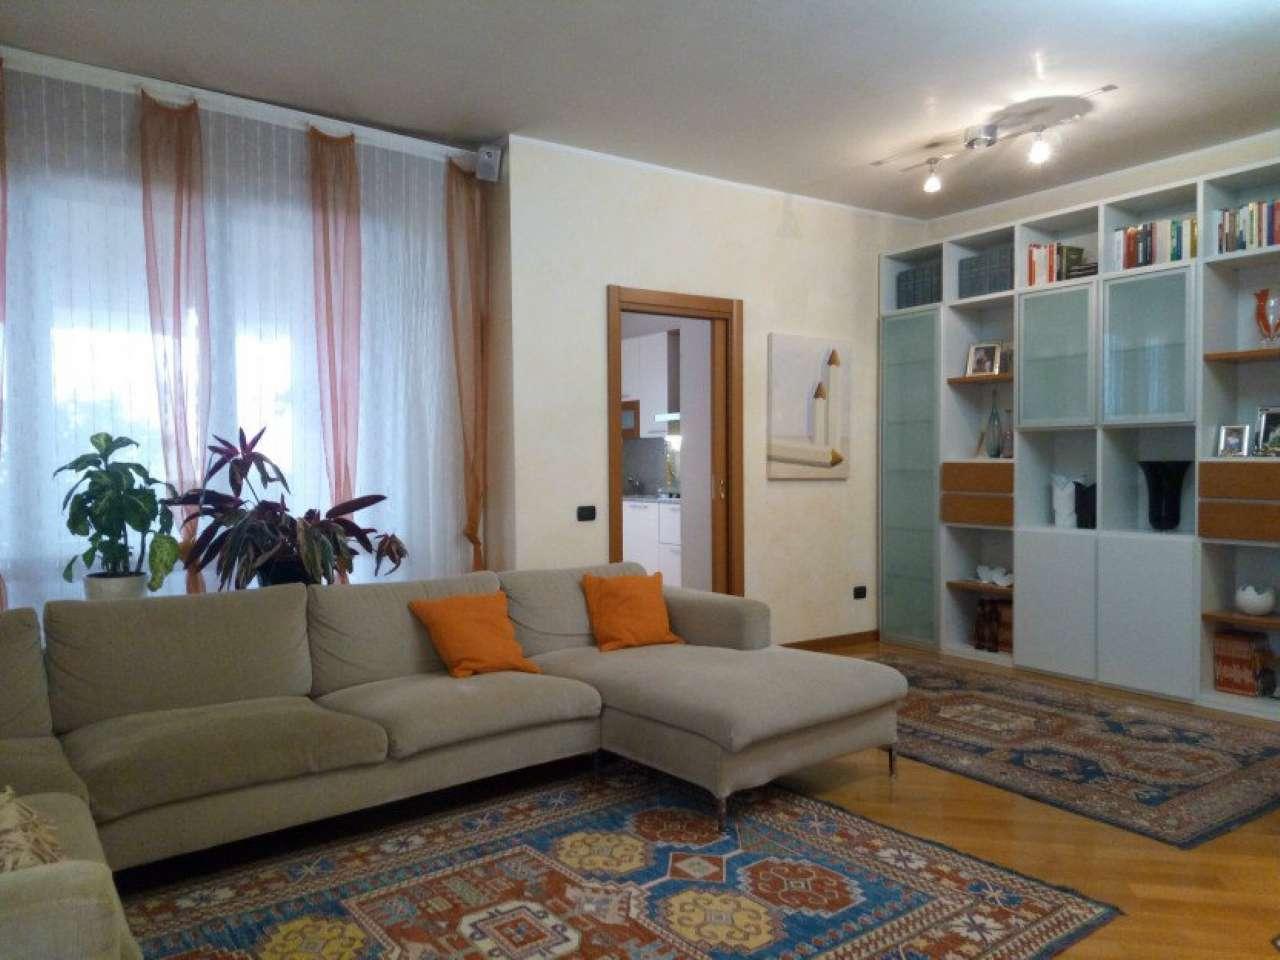 Attico / Mansarda in vendita a Saronno, 3 locali, prezzo € 290.000 | Cambio Casa.it